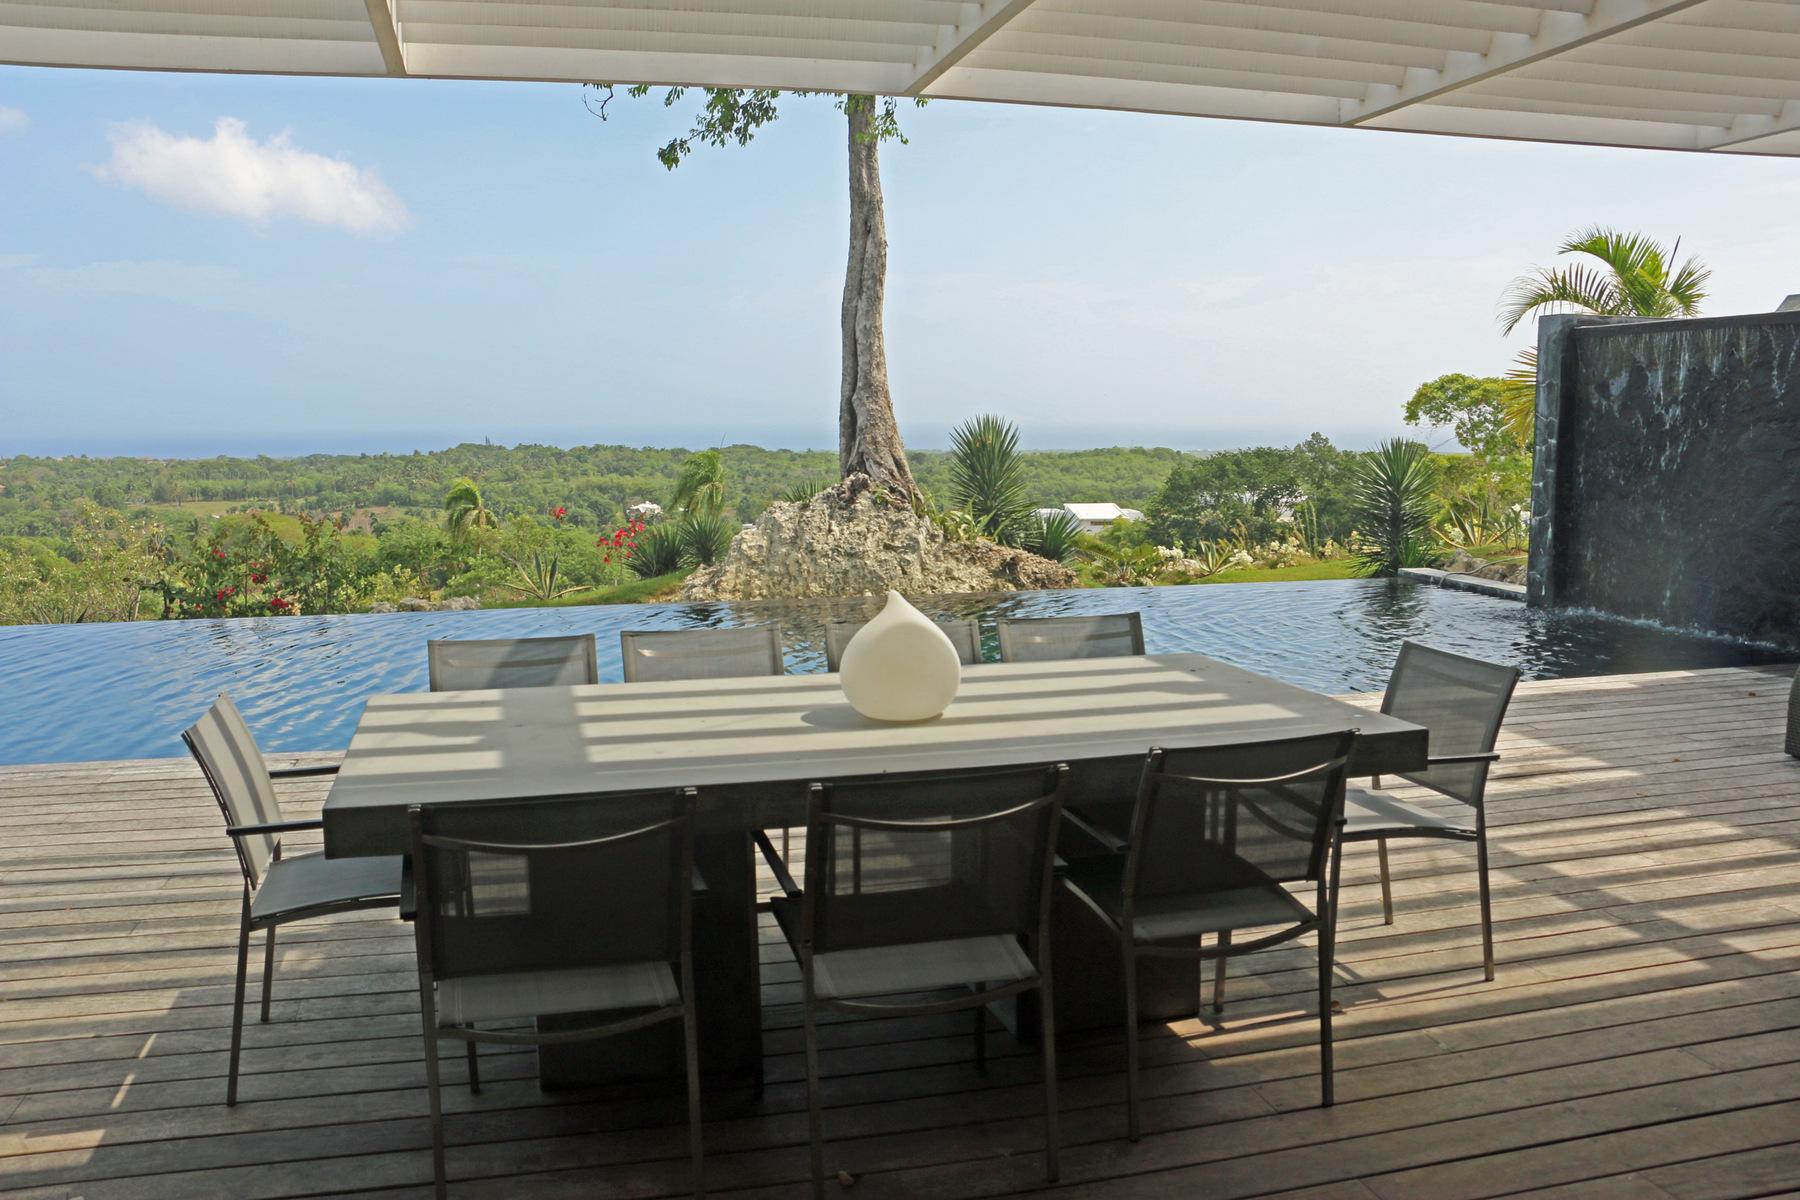 独户住宅 为 销售 在 Agua Dulce Villa 6 索苏阿, 普拉塔省, 57000 多米尼加共和国